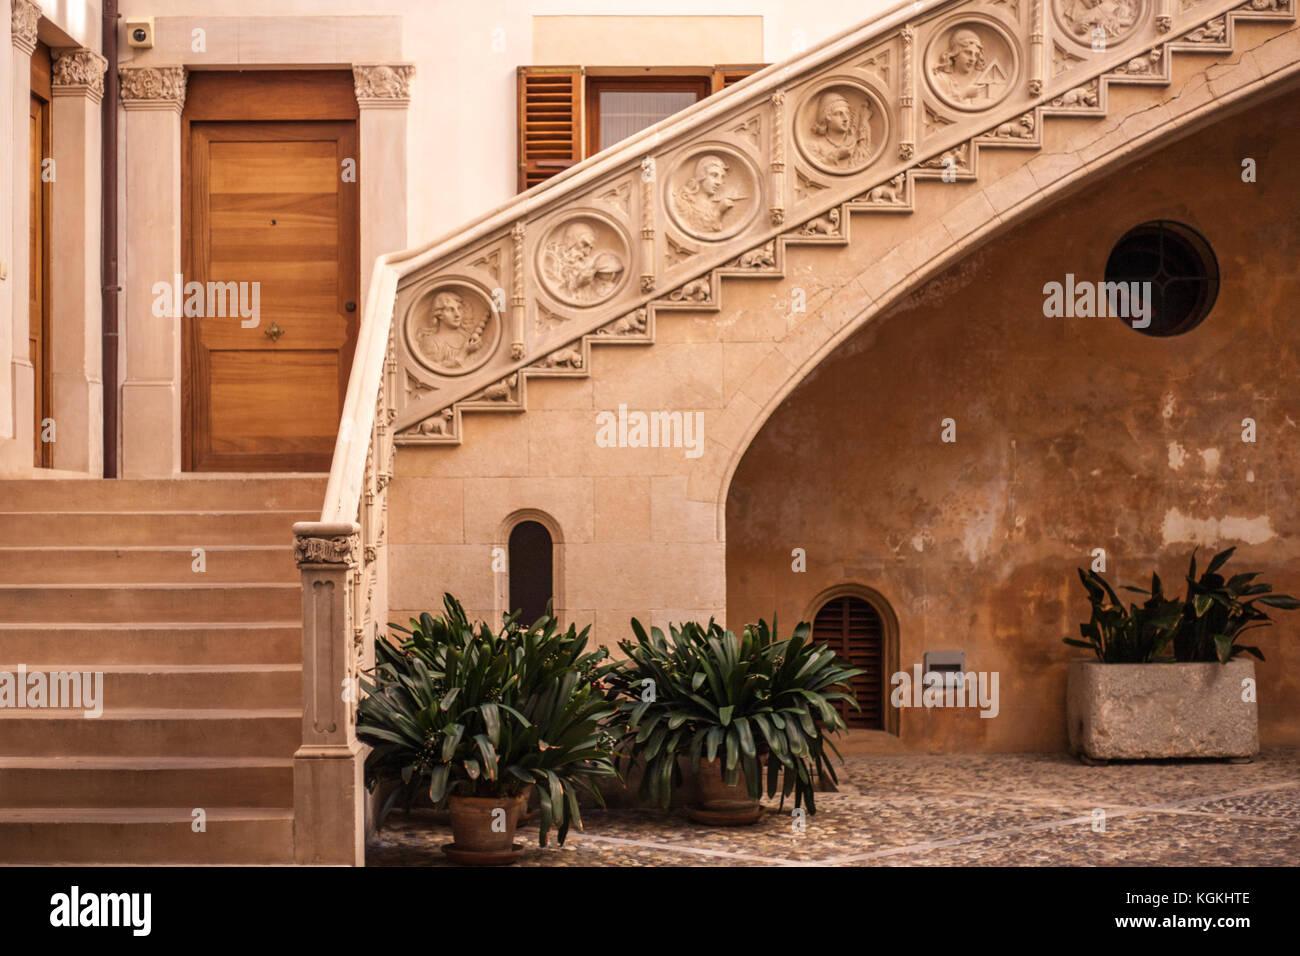 Typisch maurischen Innenhof und Treppenhaus in Palma de Mallorca Stockbild